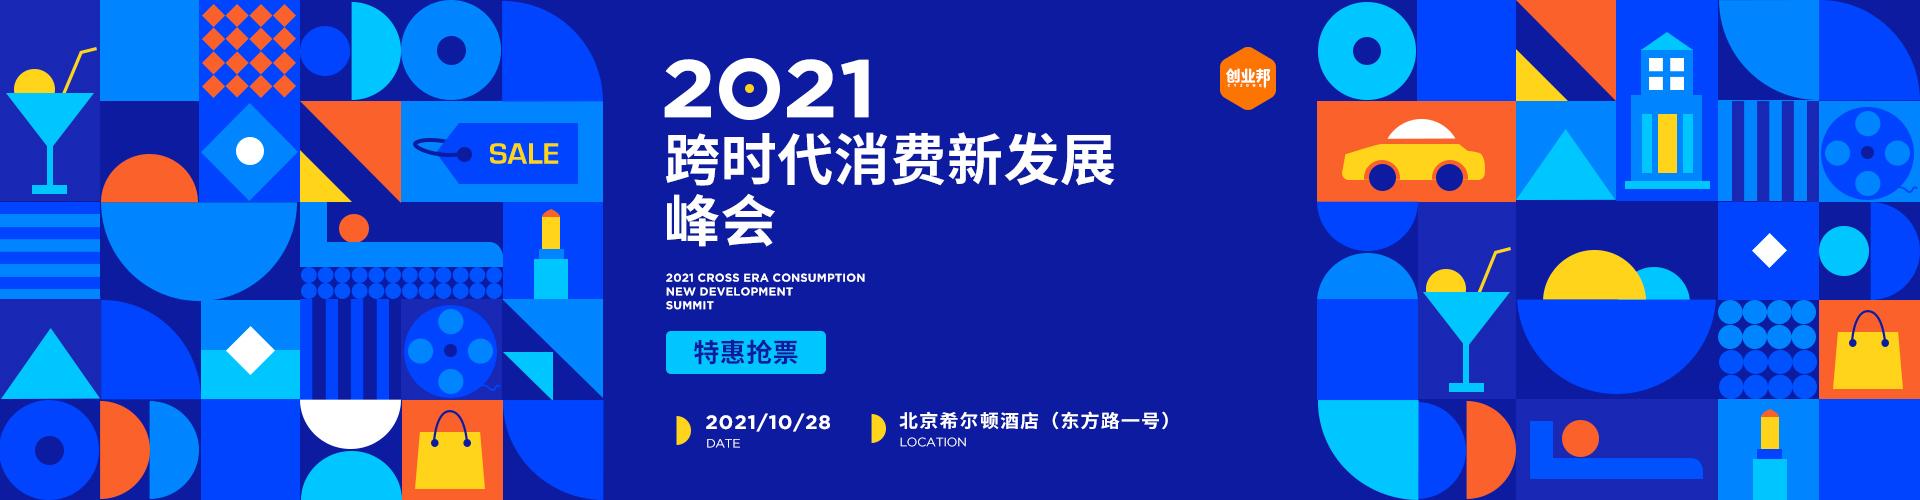 2021跨时代消费新发展峰会